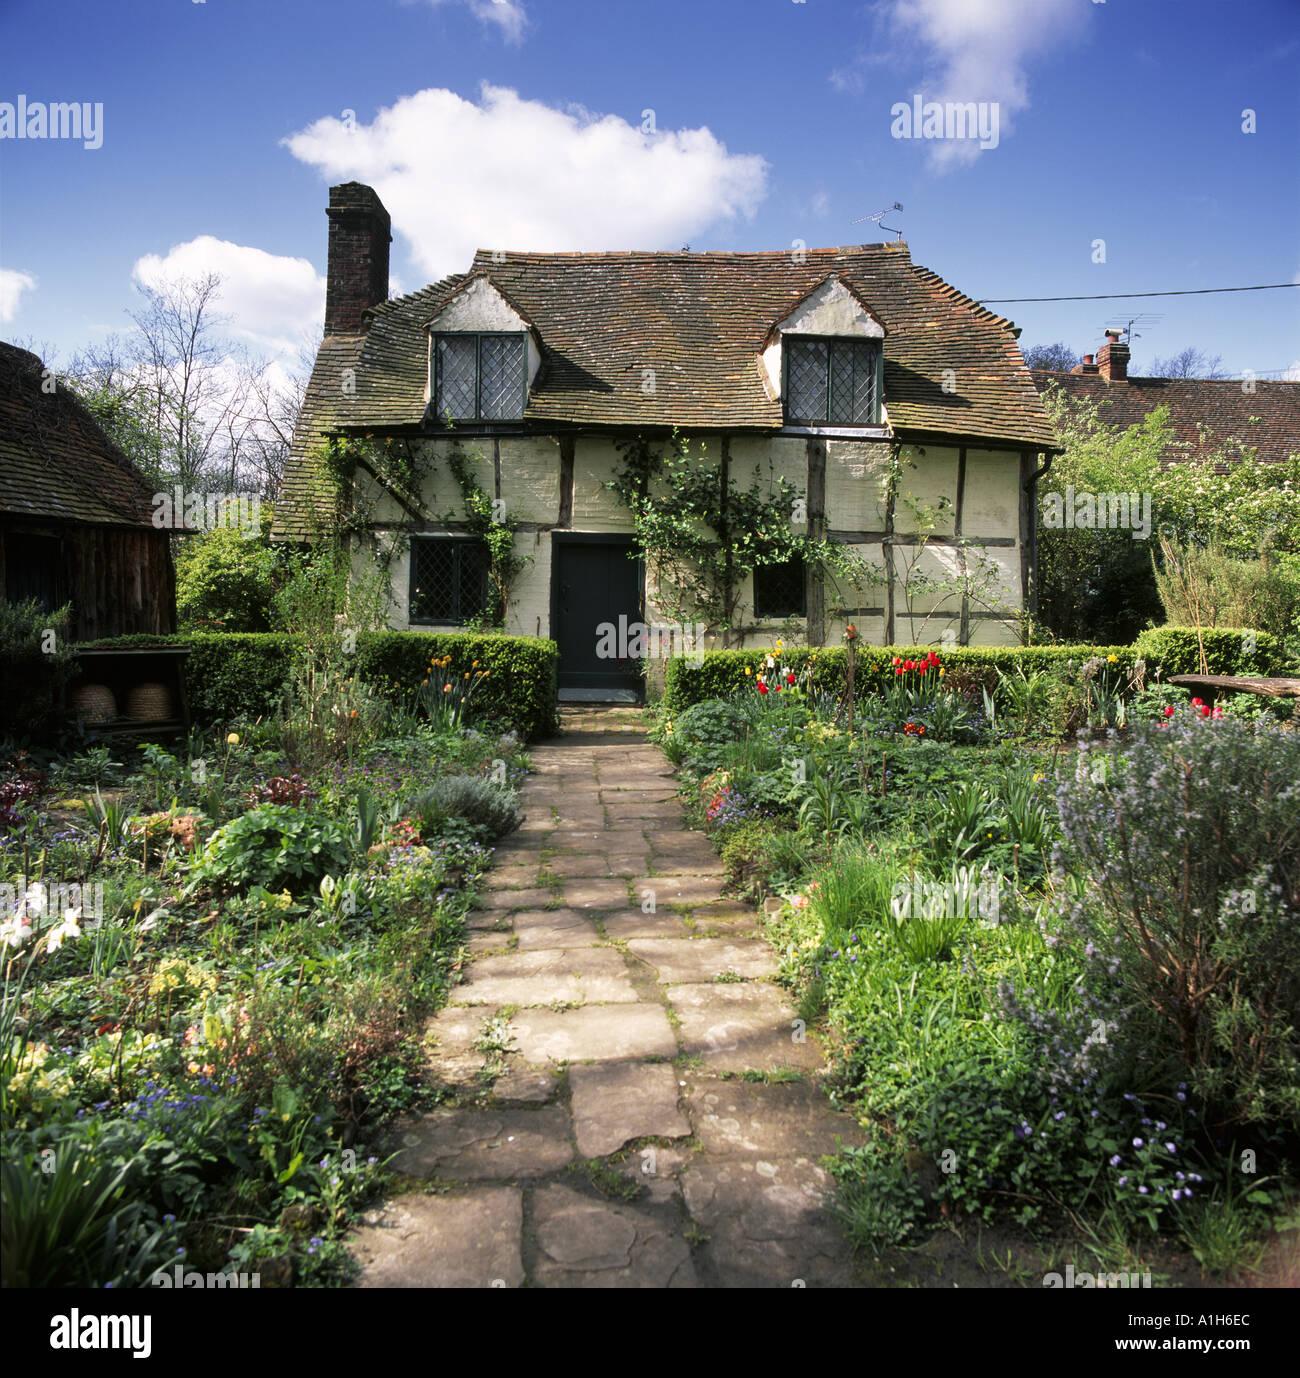 Oakhurst Cottage Surrey - Stock Image